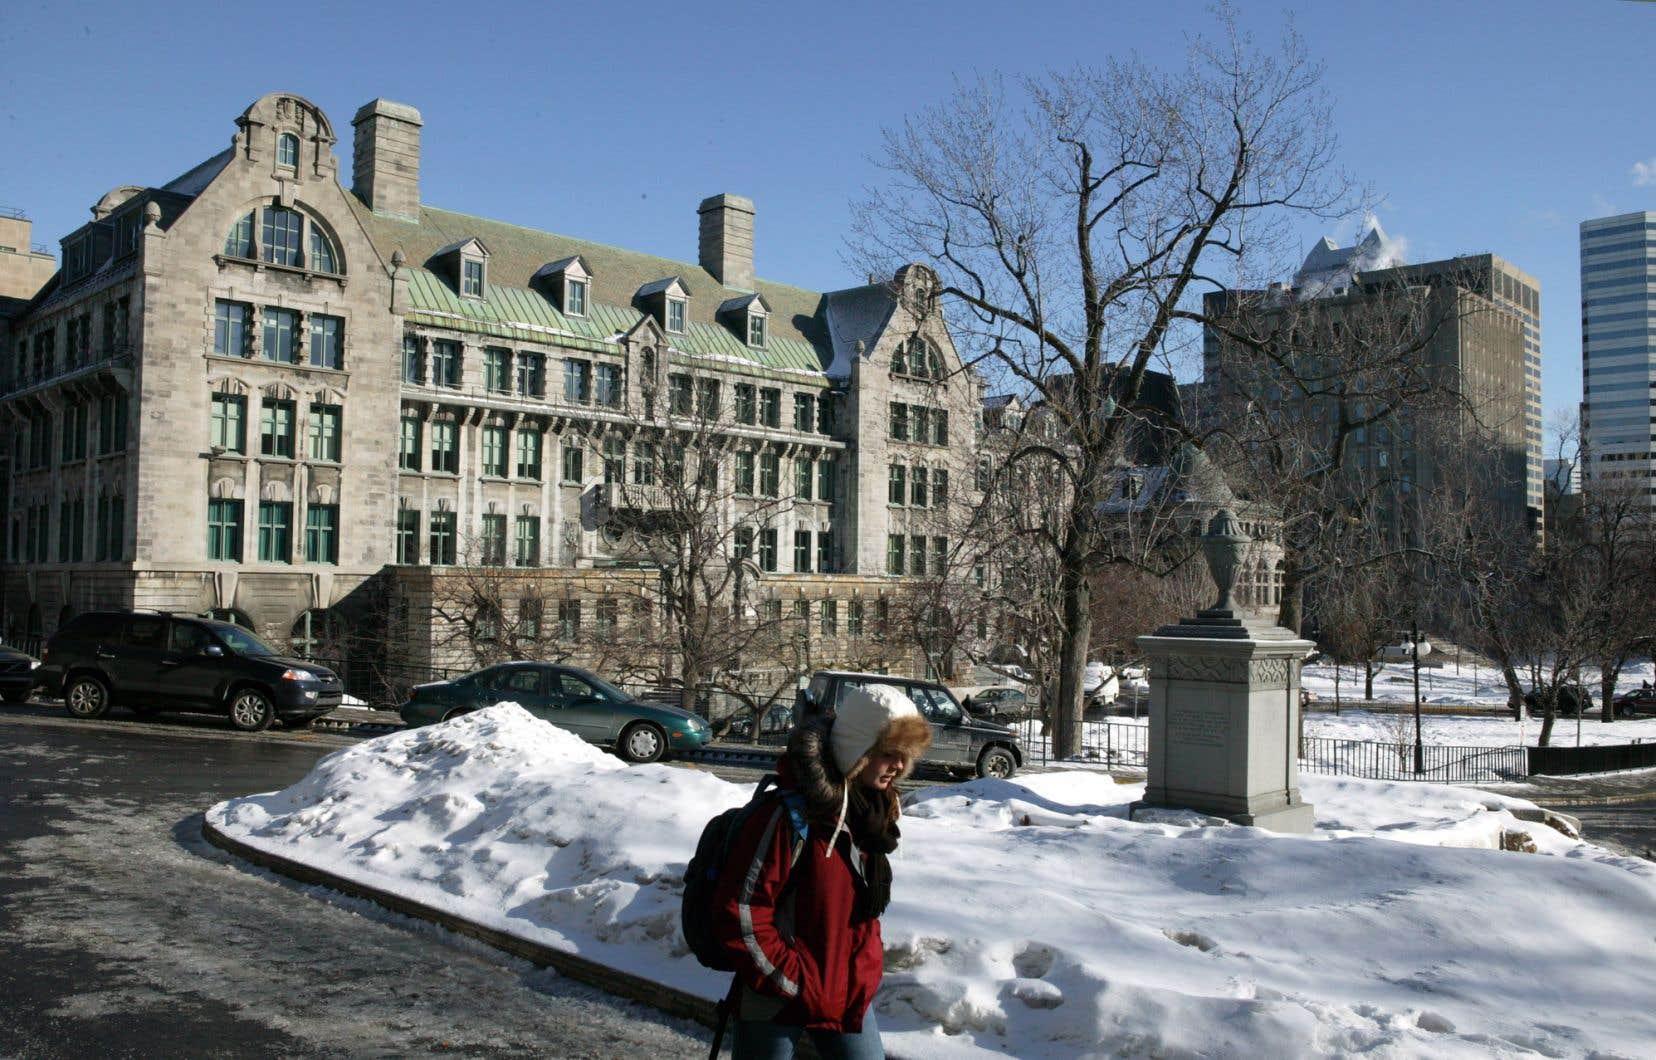 Depuis 2012, le groupe étudiant Divest McGill milite pour que l'université cesse d'investir dans l'industrie pétrolière.